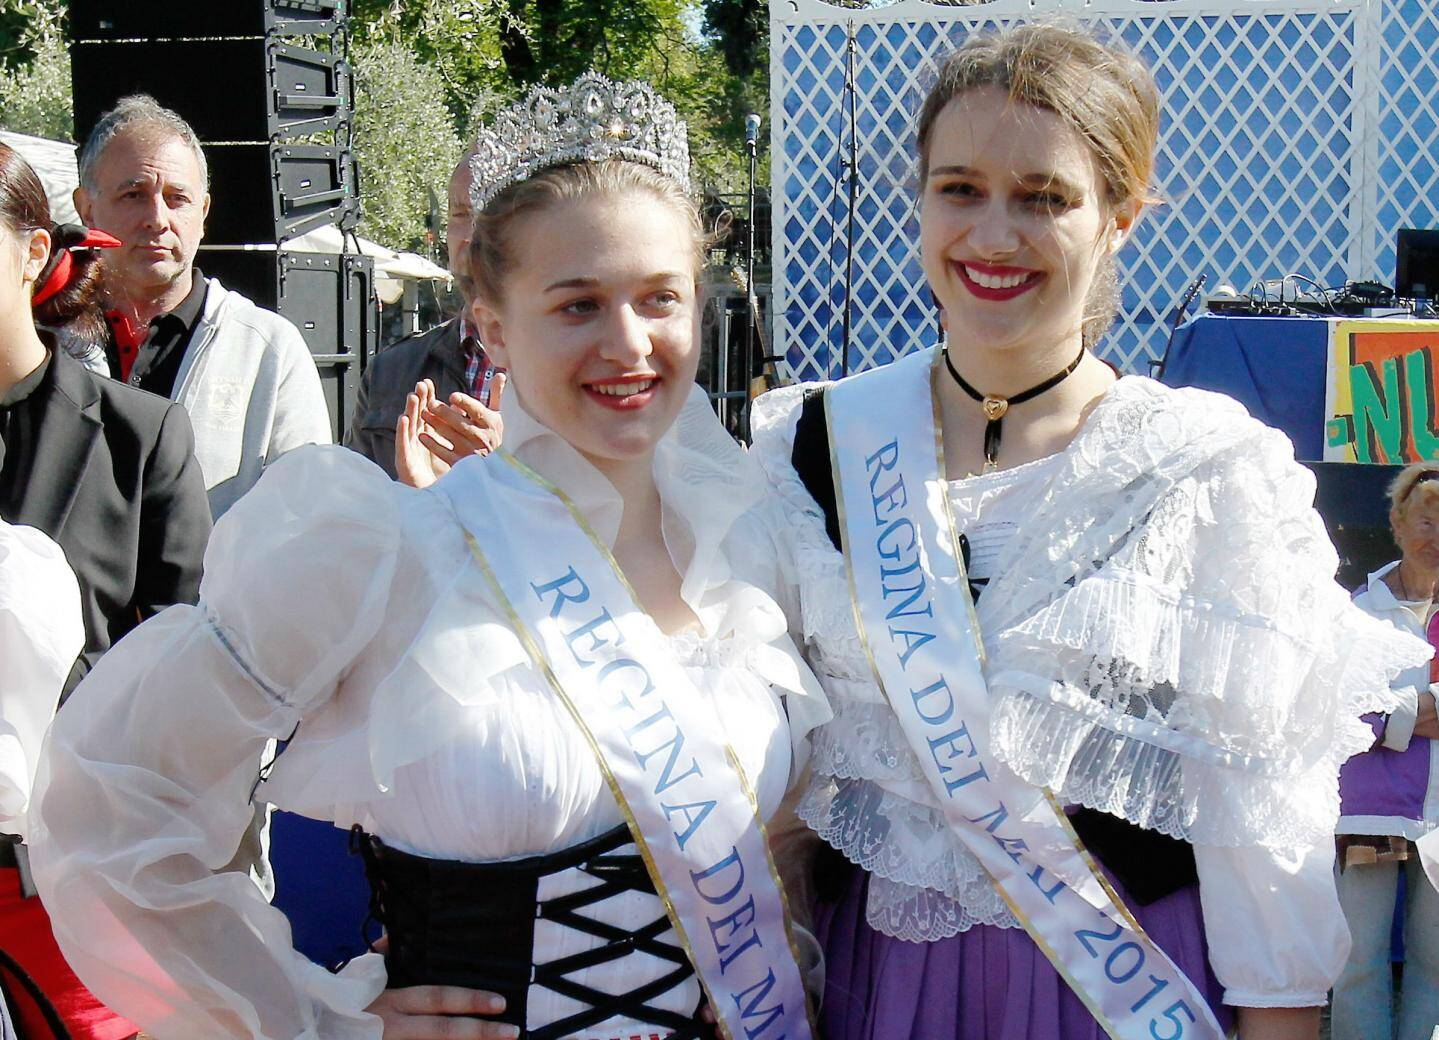 Eléa, à gauche, succède à Manon. Son joli sourire va accompagner la culture niçoise durant une année.